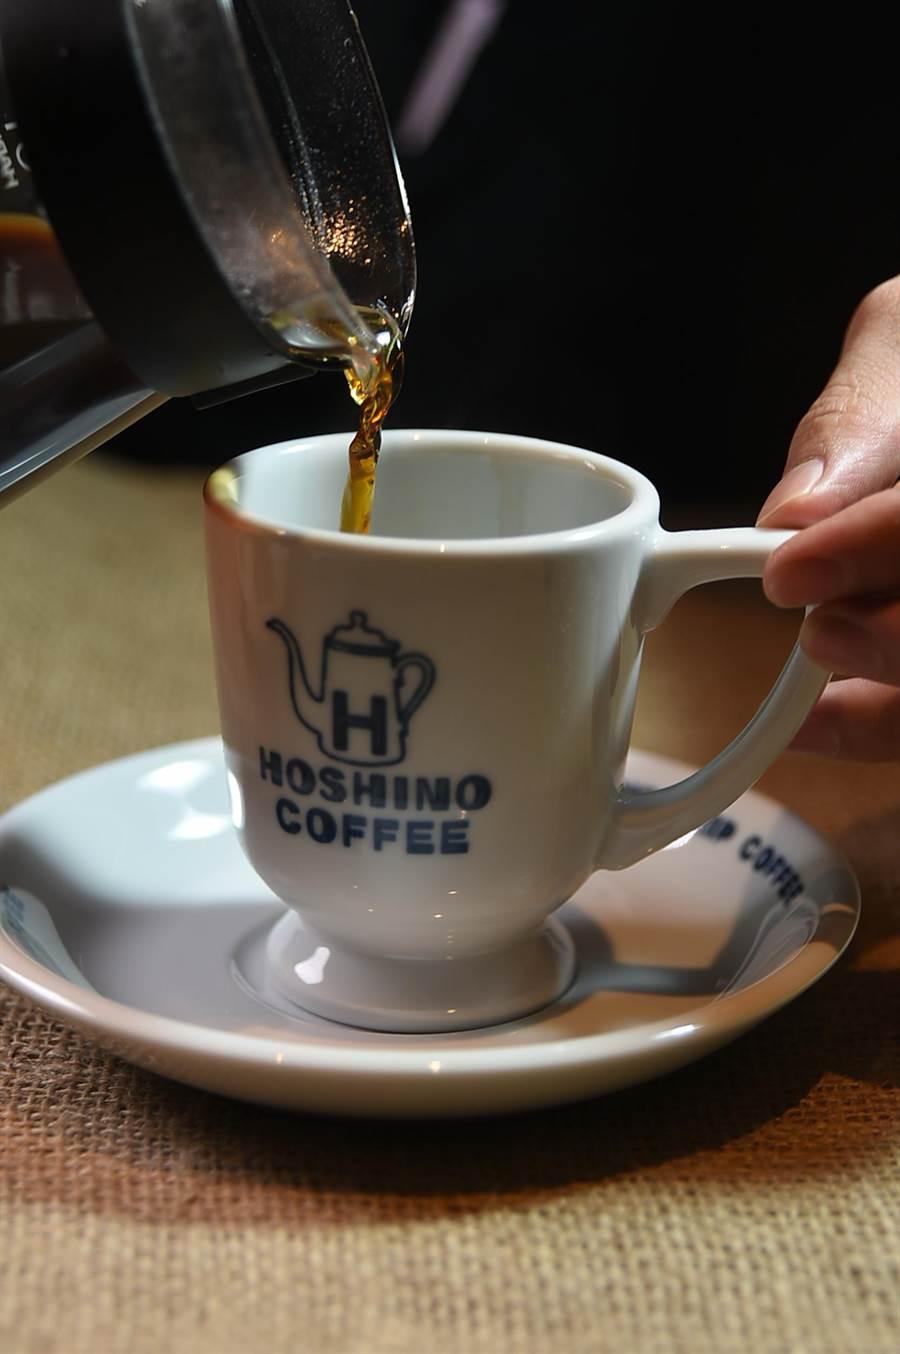 「手沖」(Hand Drip),最能品味精品咖啡的風味,〈星乃珈琲店〉標榜店內咖啡杯杯手沖。(圖/姚舜)